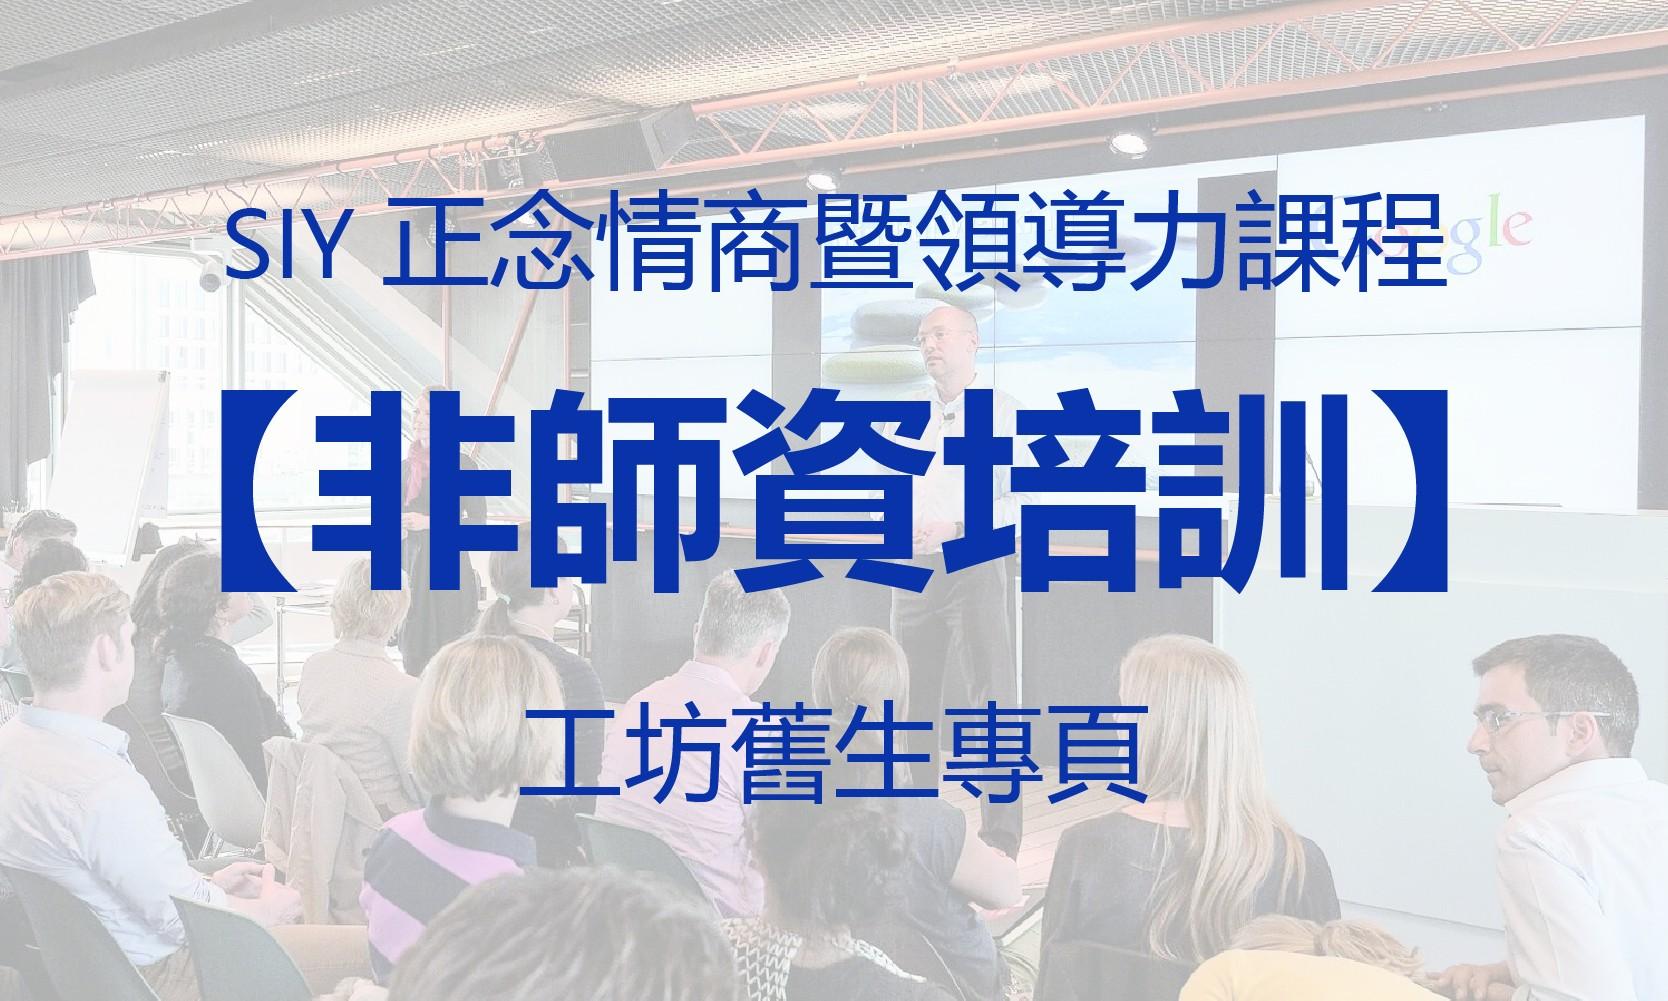 【工坊舊生專頁】2021 SIY 正念情商暨領導力課程